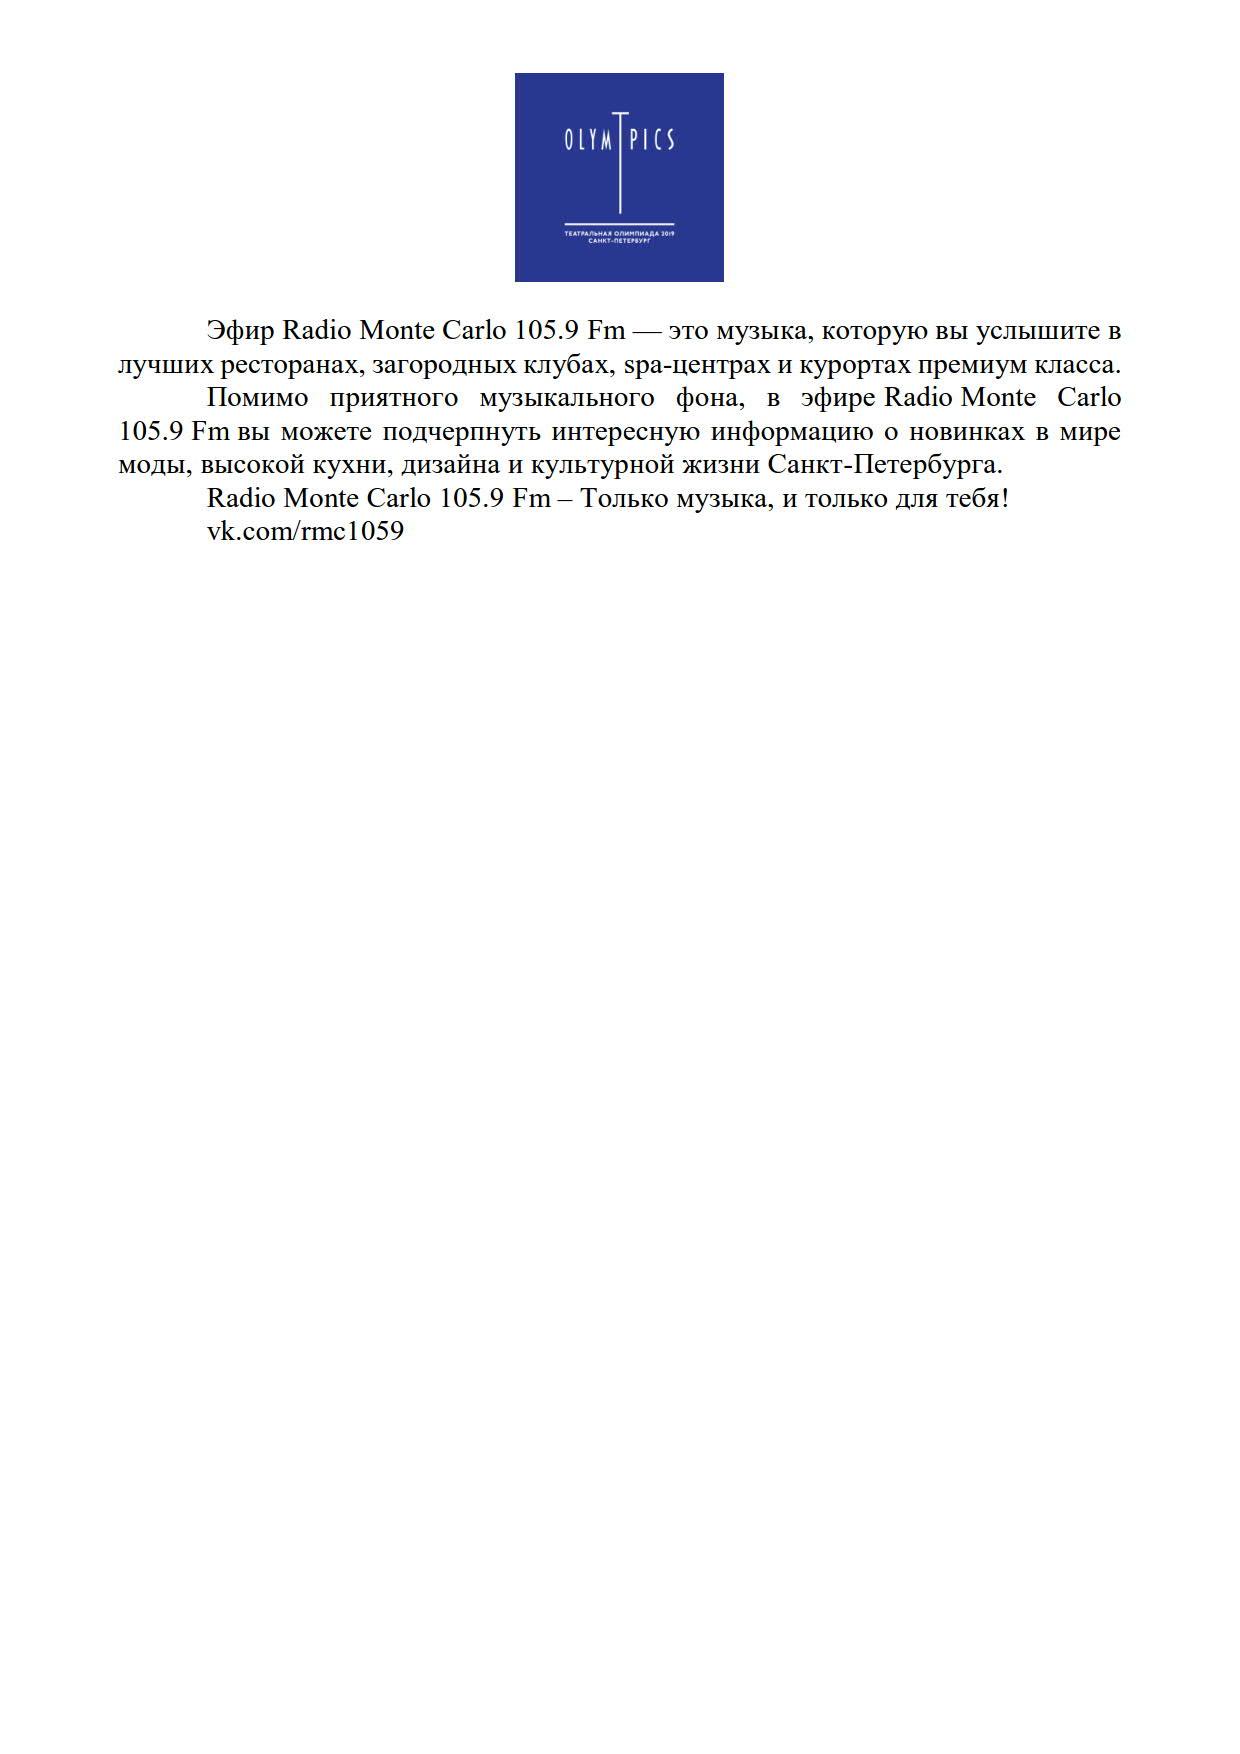 Пресс-релиз Театральная Олимпиада_5